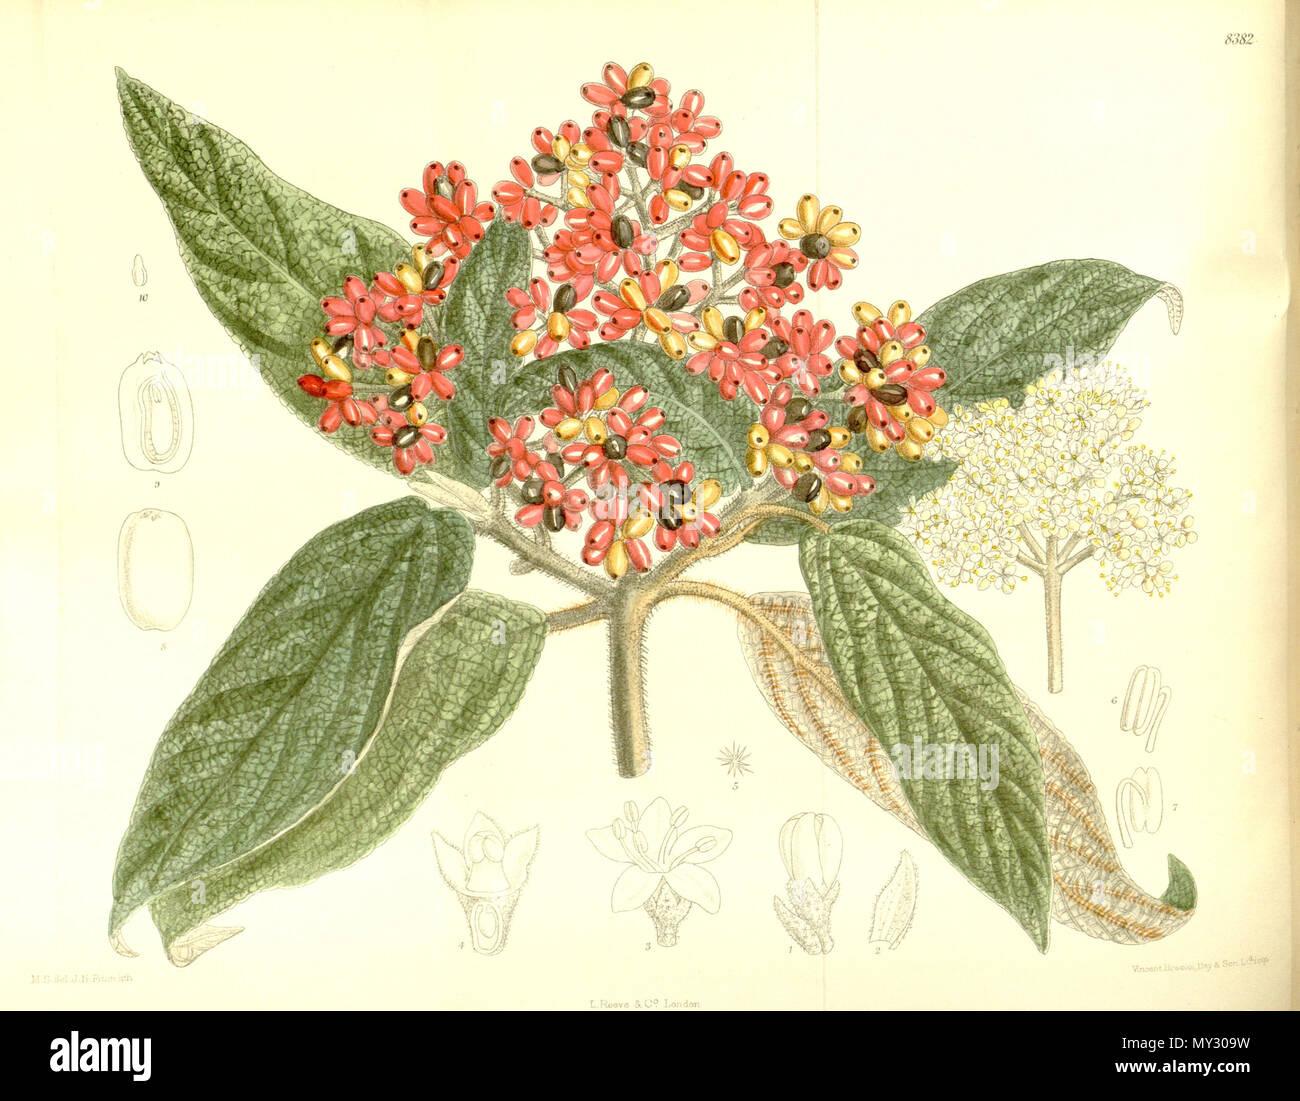 . Viburnum rhytidophyllum, Adoxaceae . 1911. M.S. del., J.N.Fitch lith. 549 Viburnum rhytidophyllum 137-8382 - Stock Image